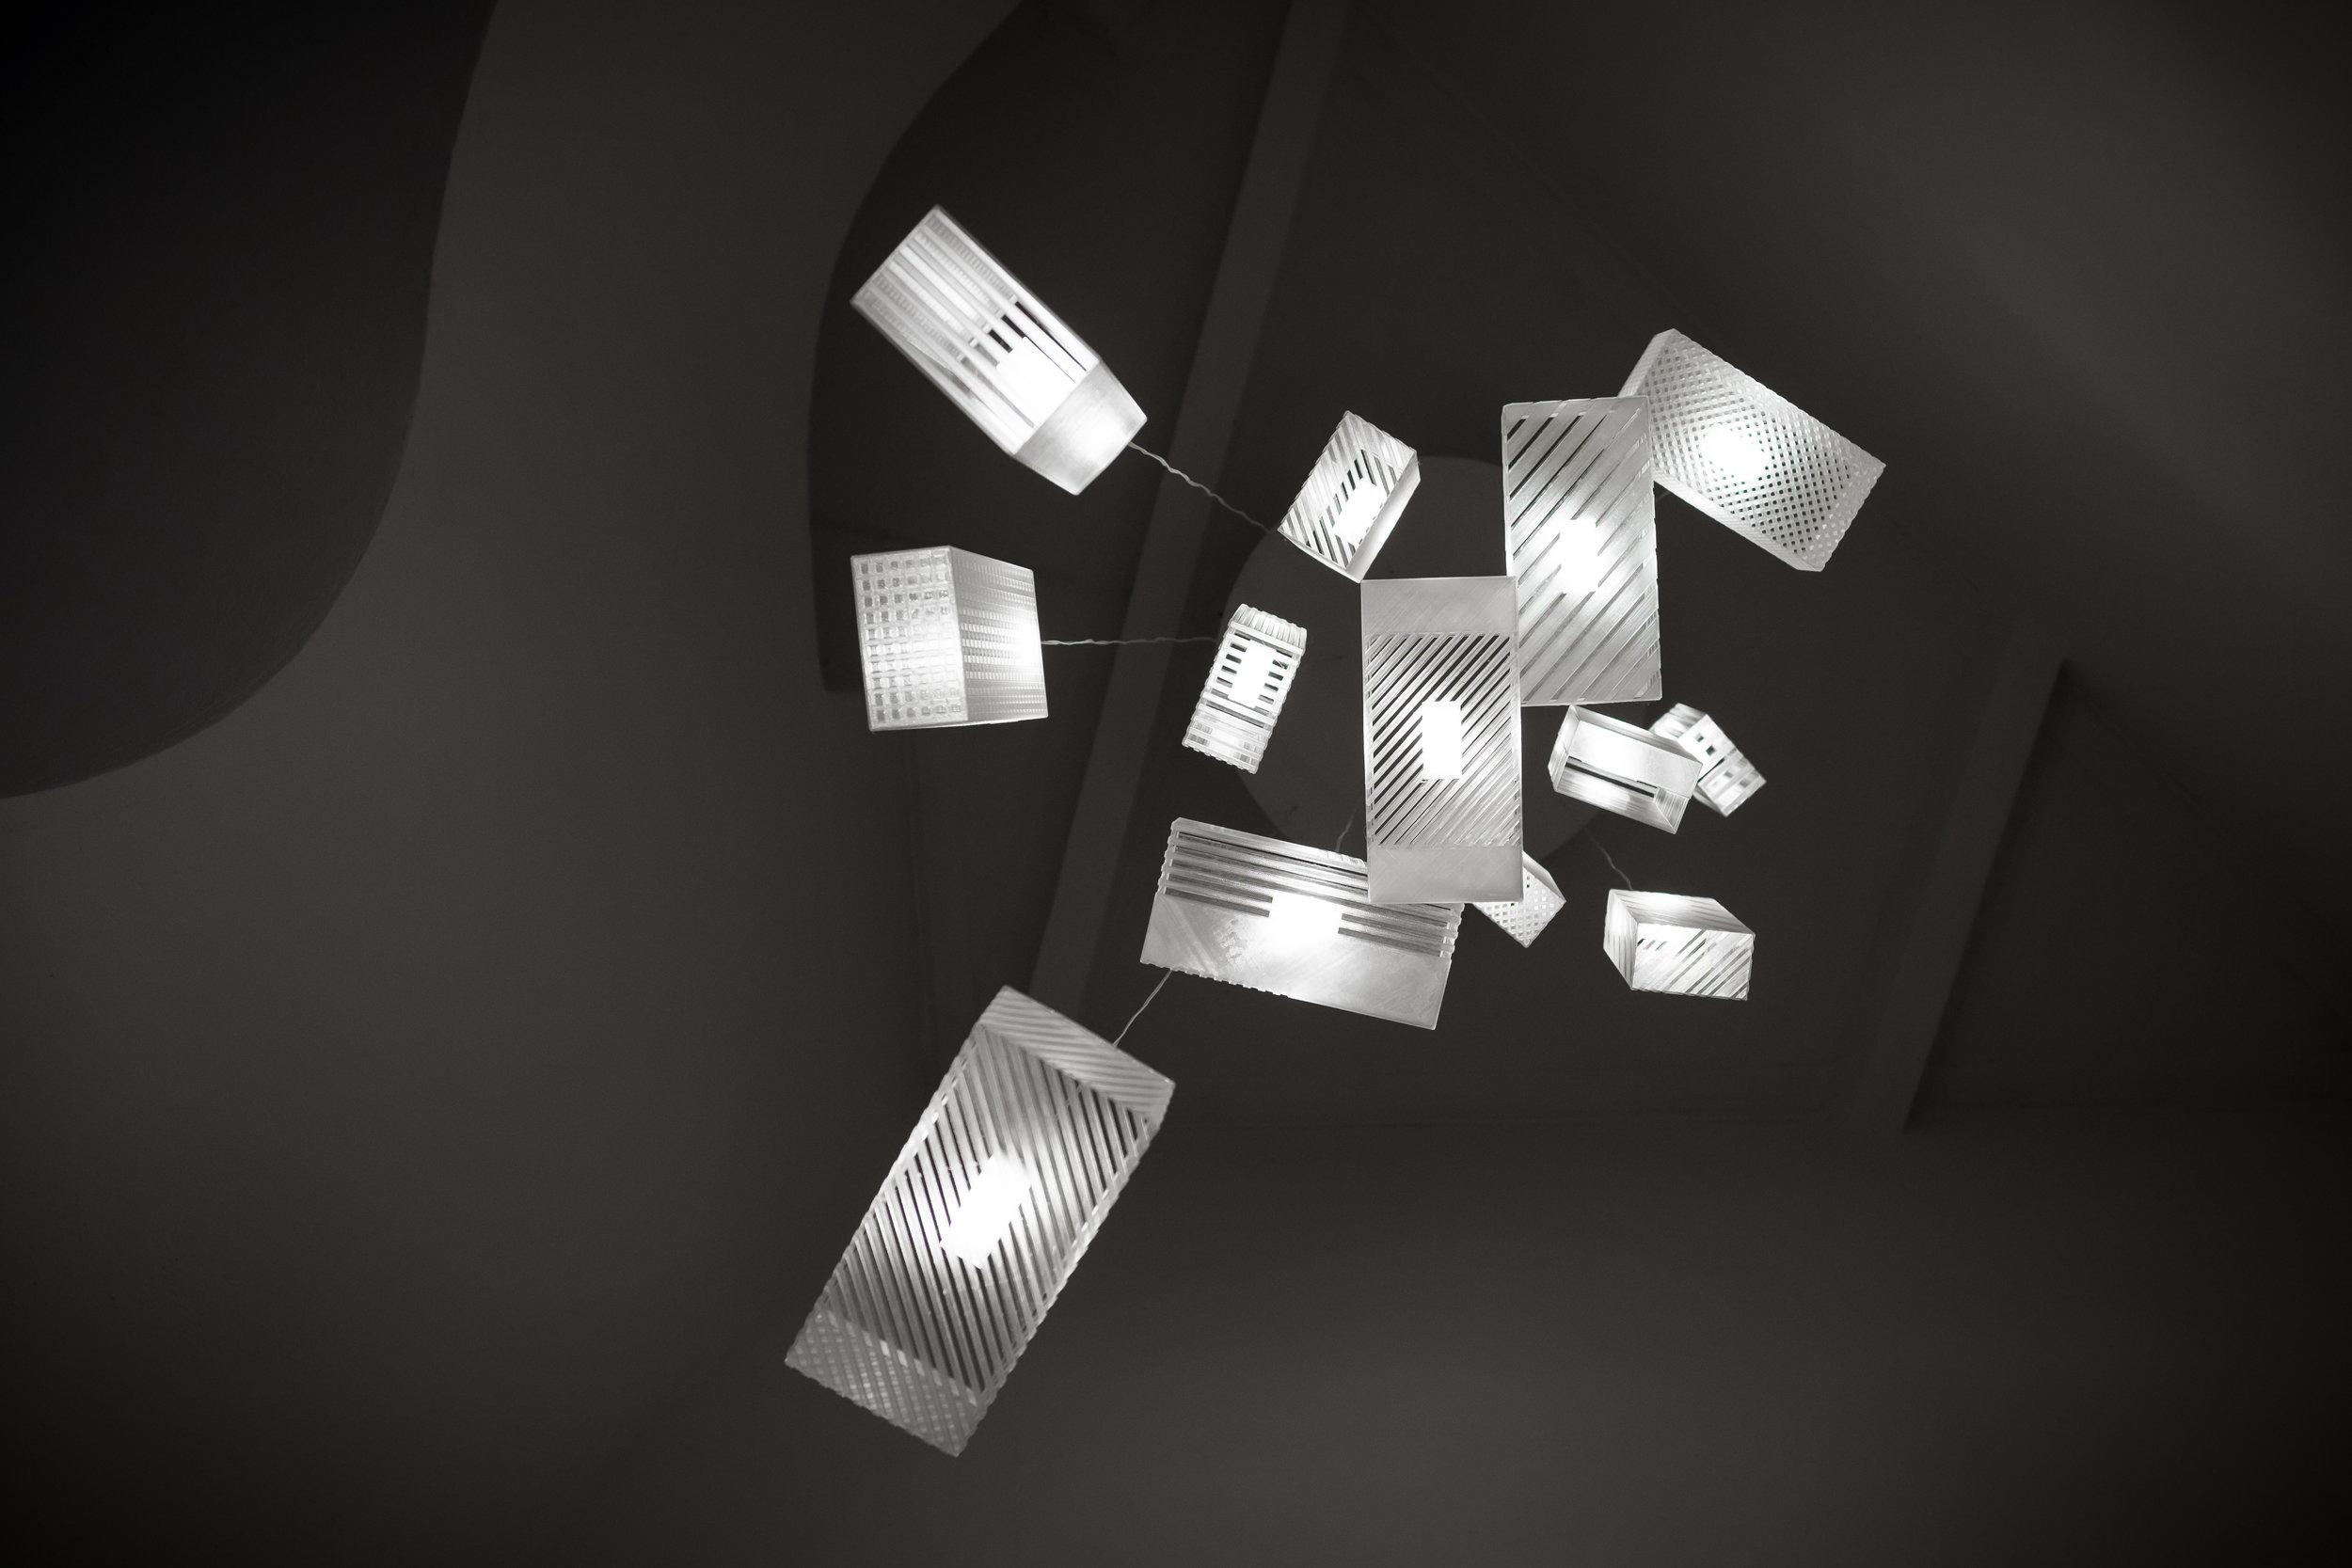 lustr-4717-2.jpg